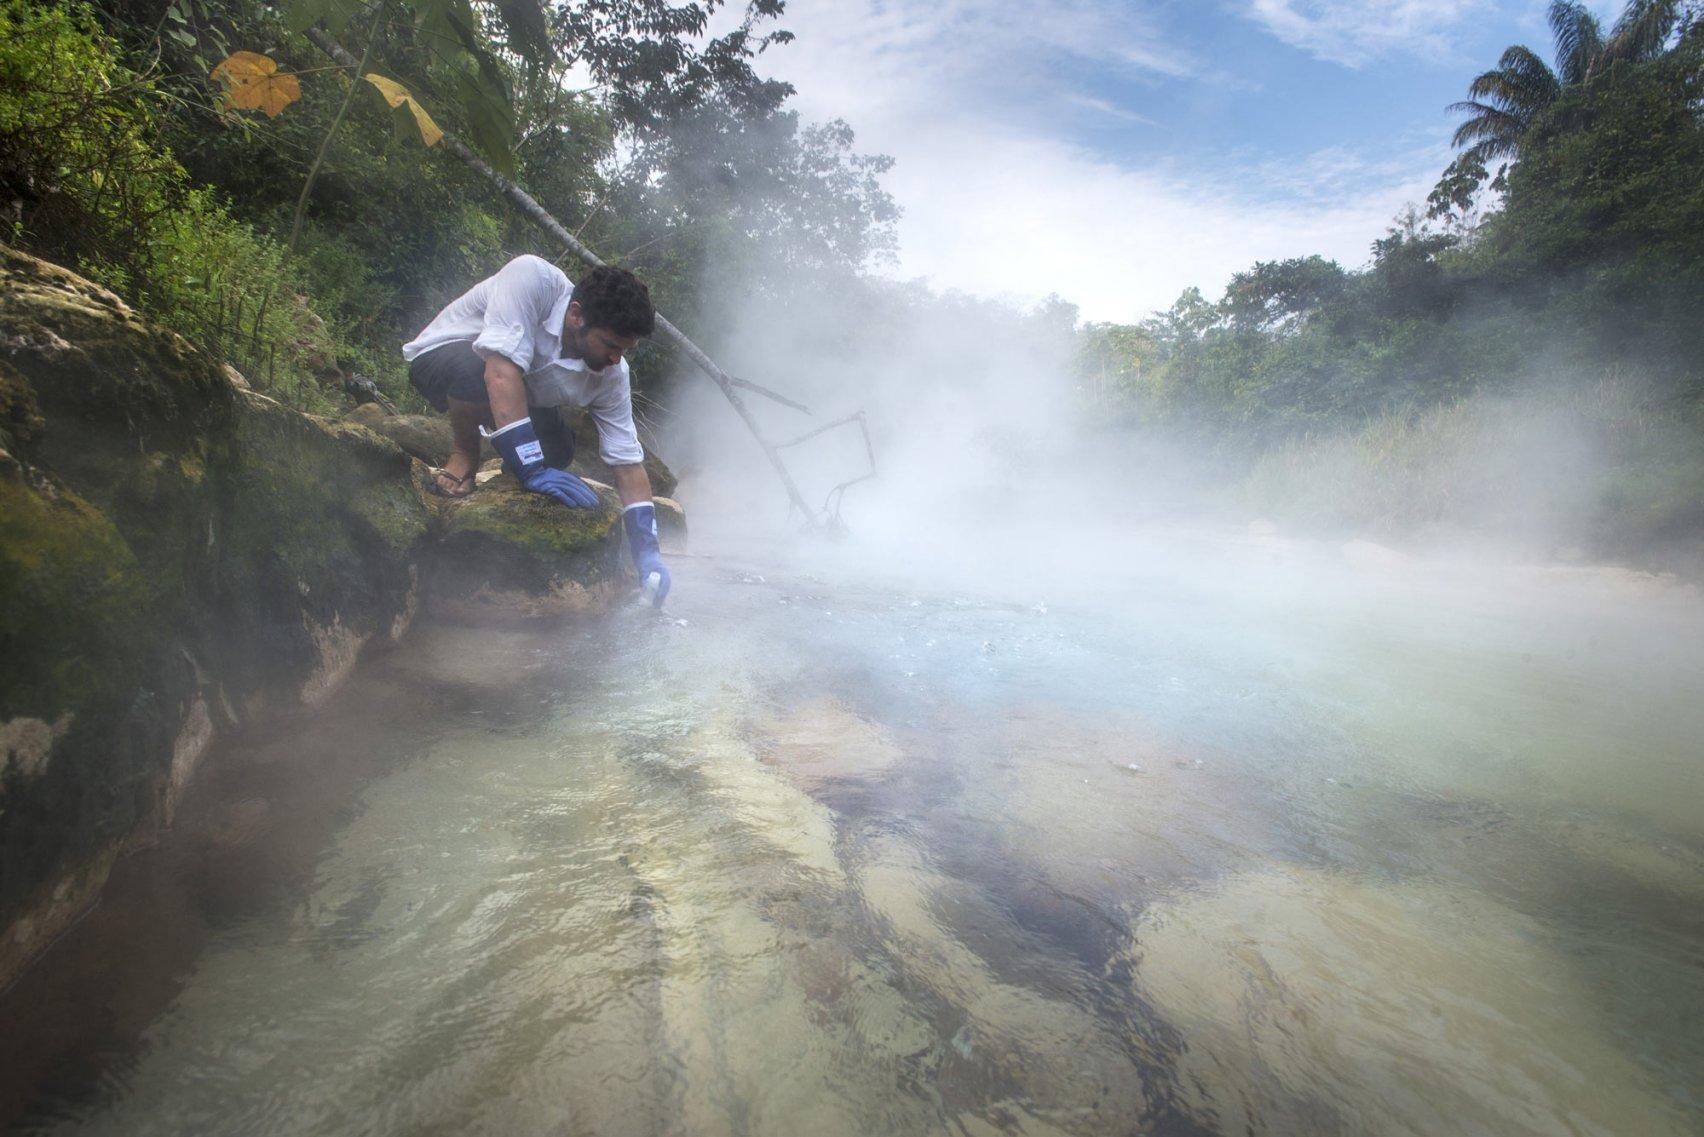 ஆண்ட்ரெஸ் ரூஸோ ஆராய்ச்சி செய்யும் வெந்நீர் ஆறு